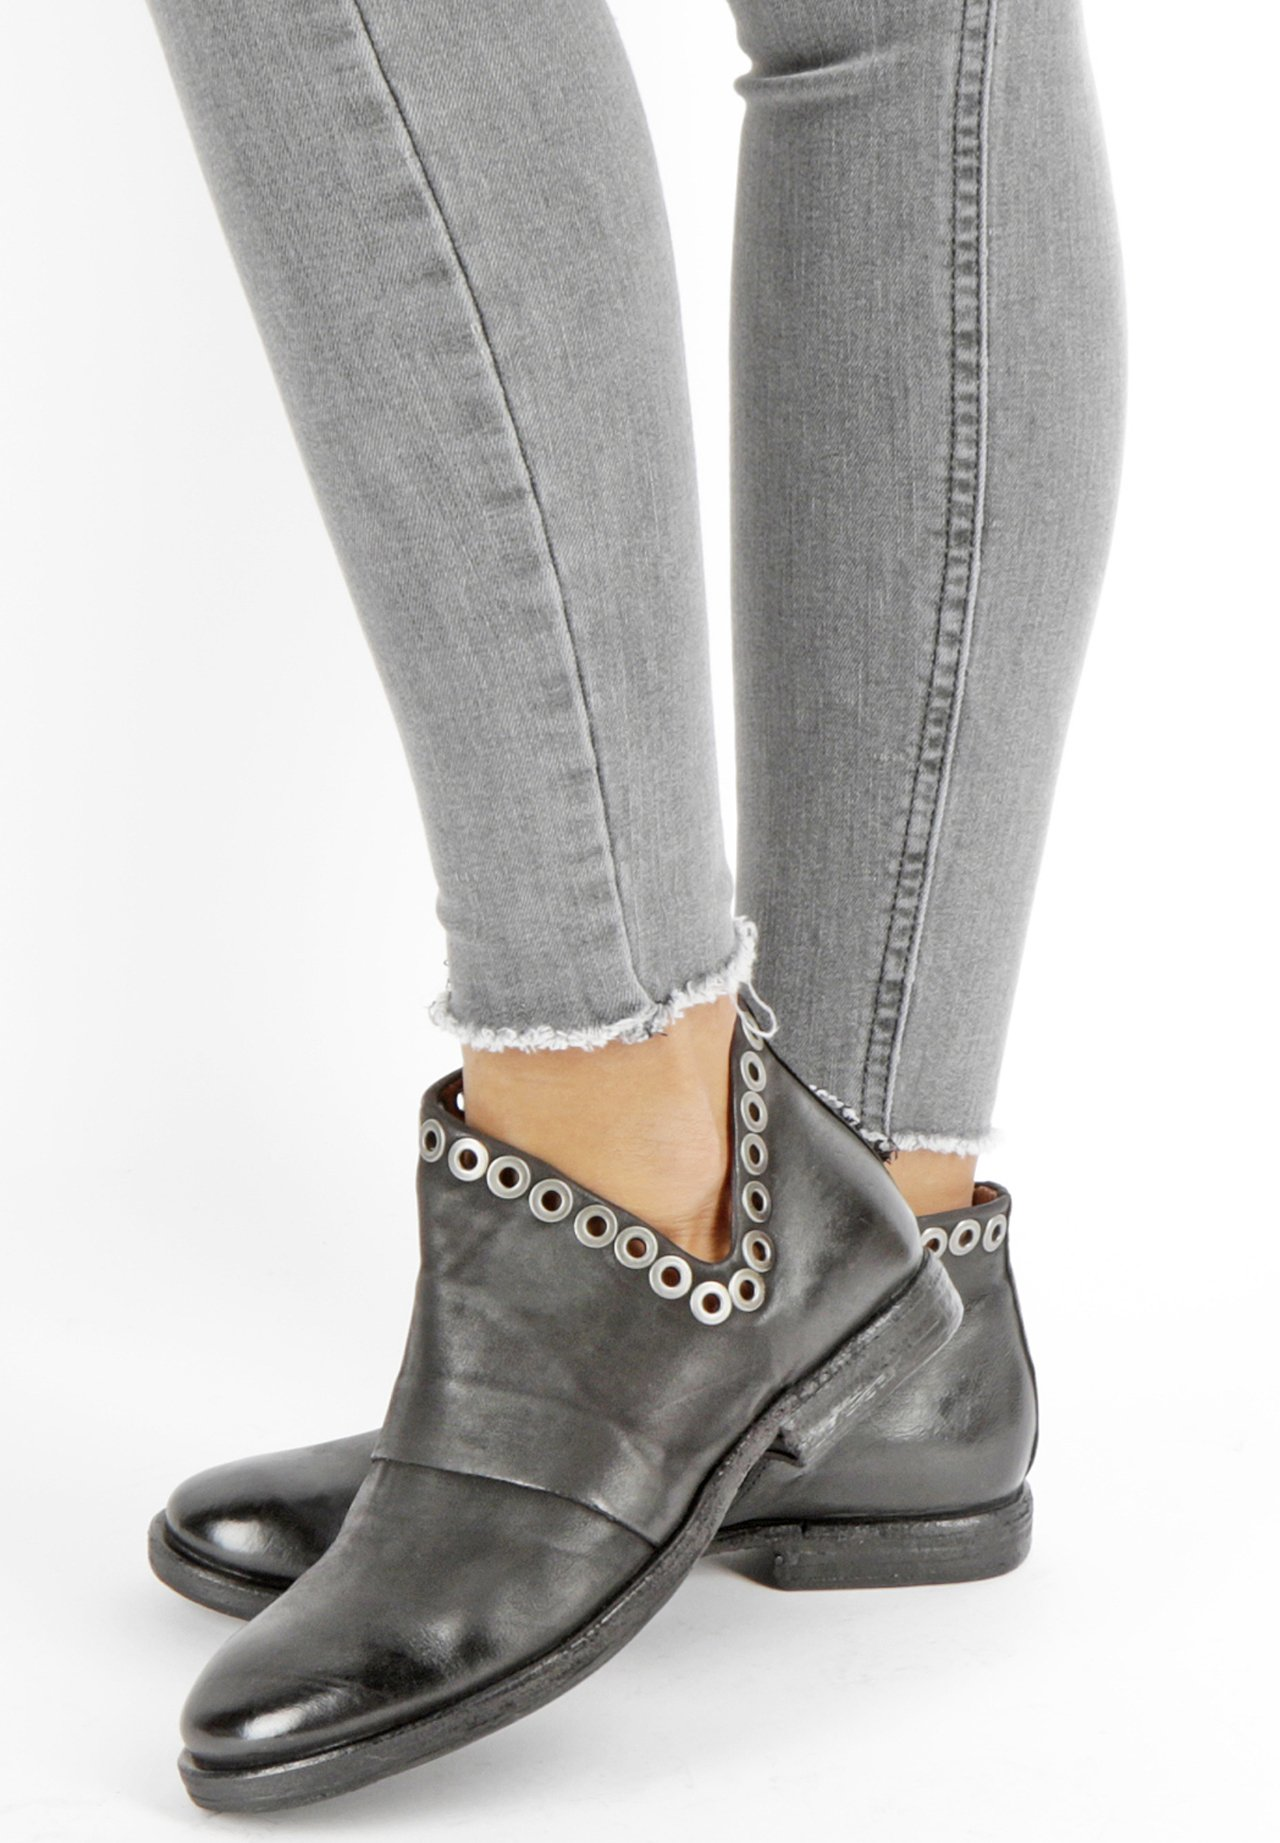 A.S.98 Stiefelette - black | Damen Schuhe 2020